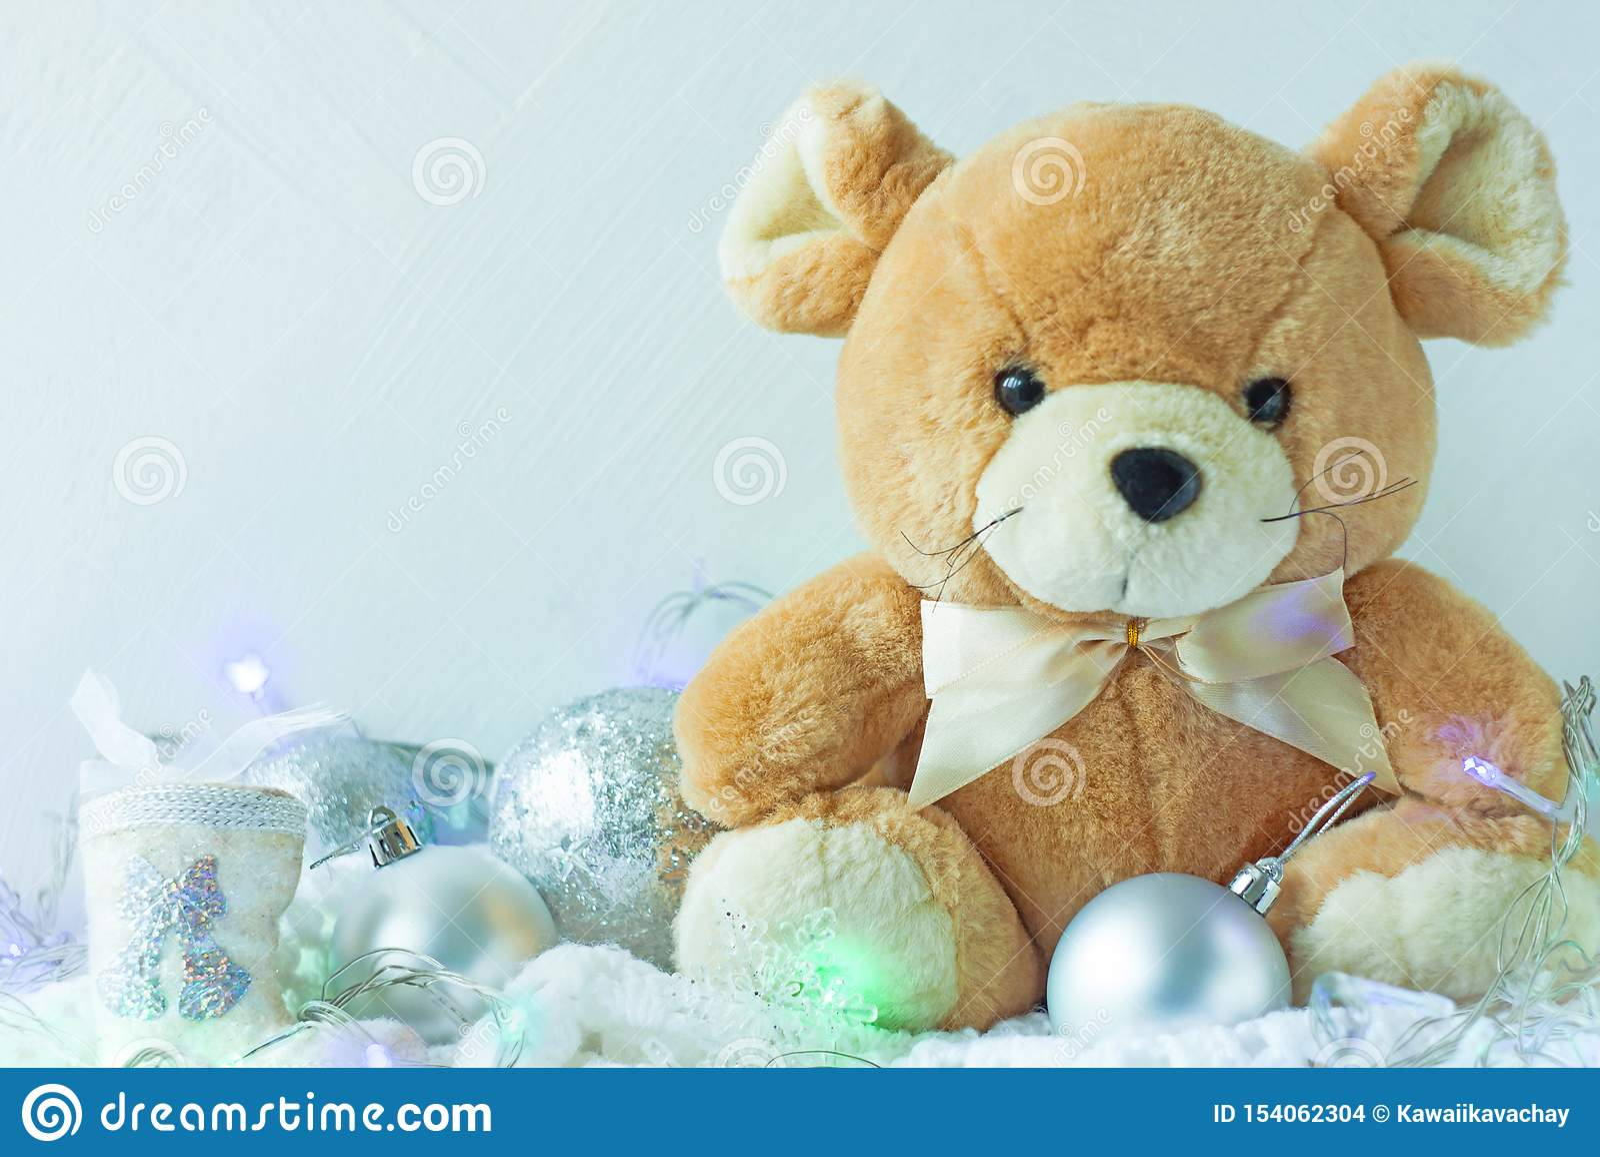 Κάρτα Χριστουγέννων στα ασημένια χρώματα μετάλλων Σύμβολο του νέου έτους 2020, χαριτωμένος μαλακός αρουραίος με το τόξο κορδελλών